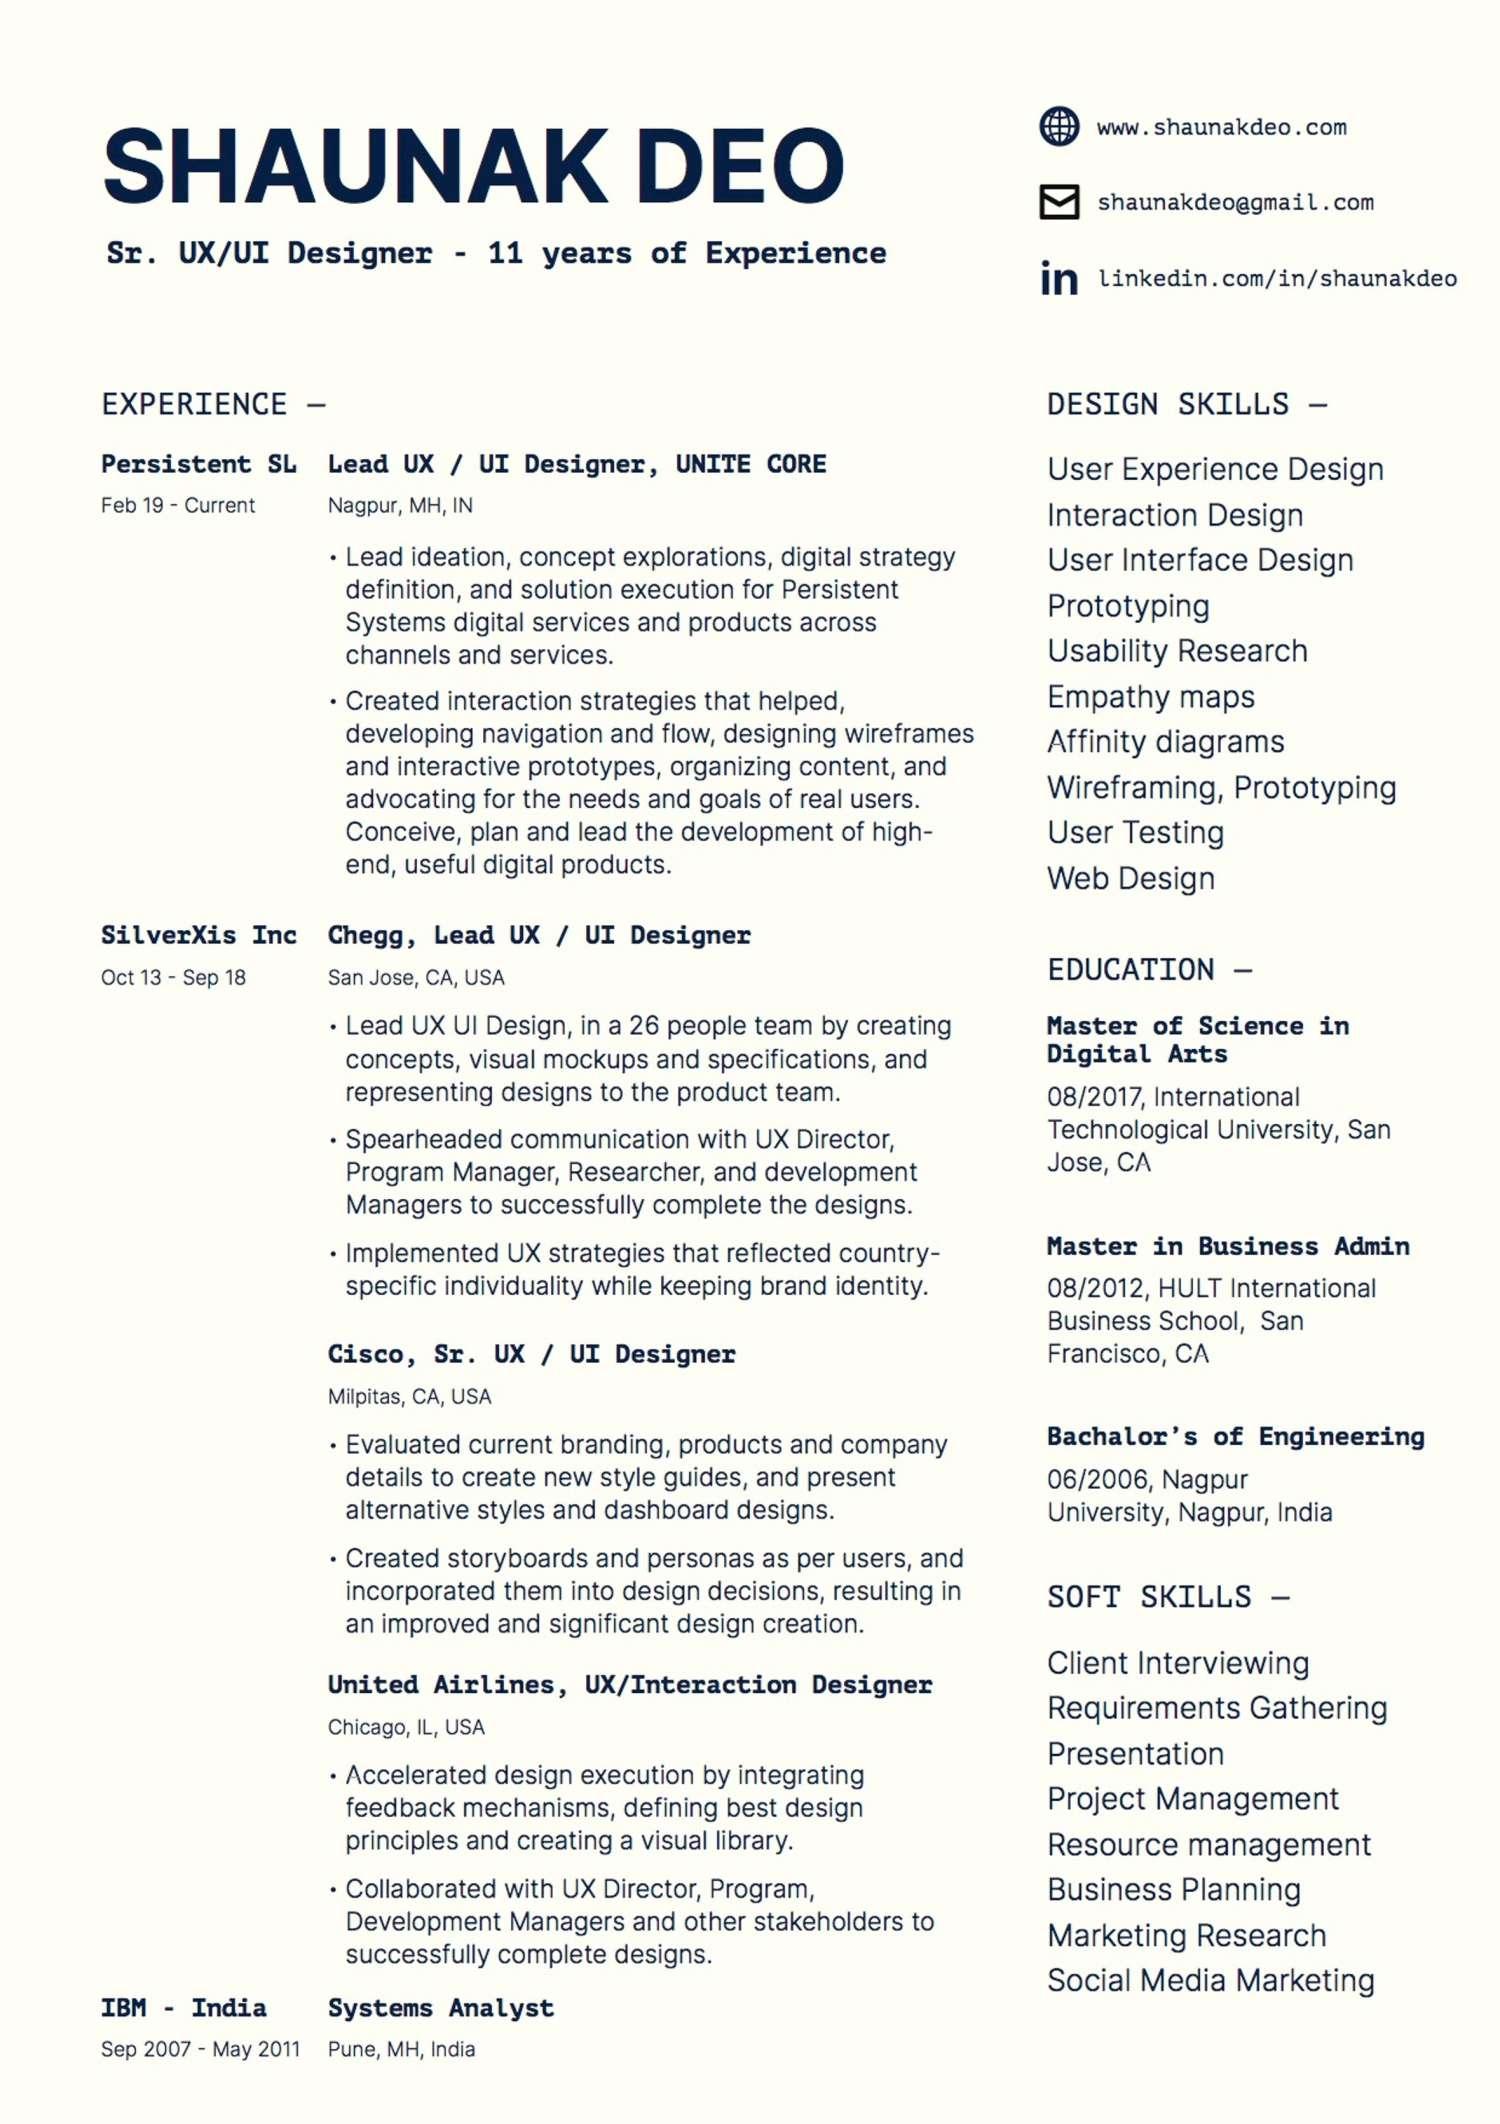 Shaunak Deo resume